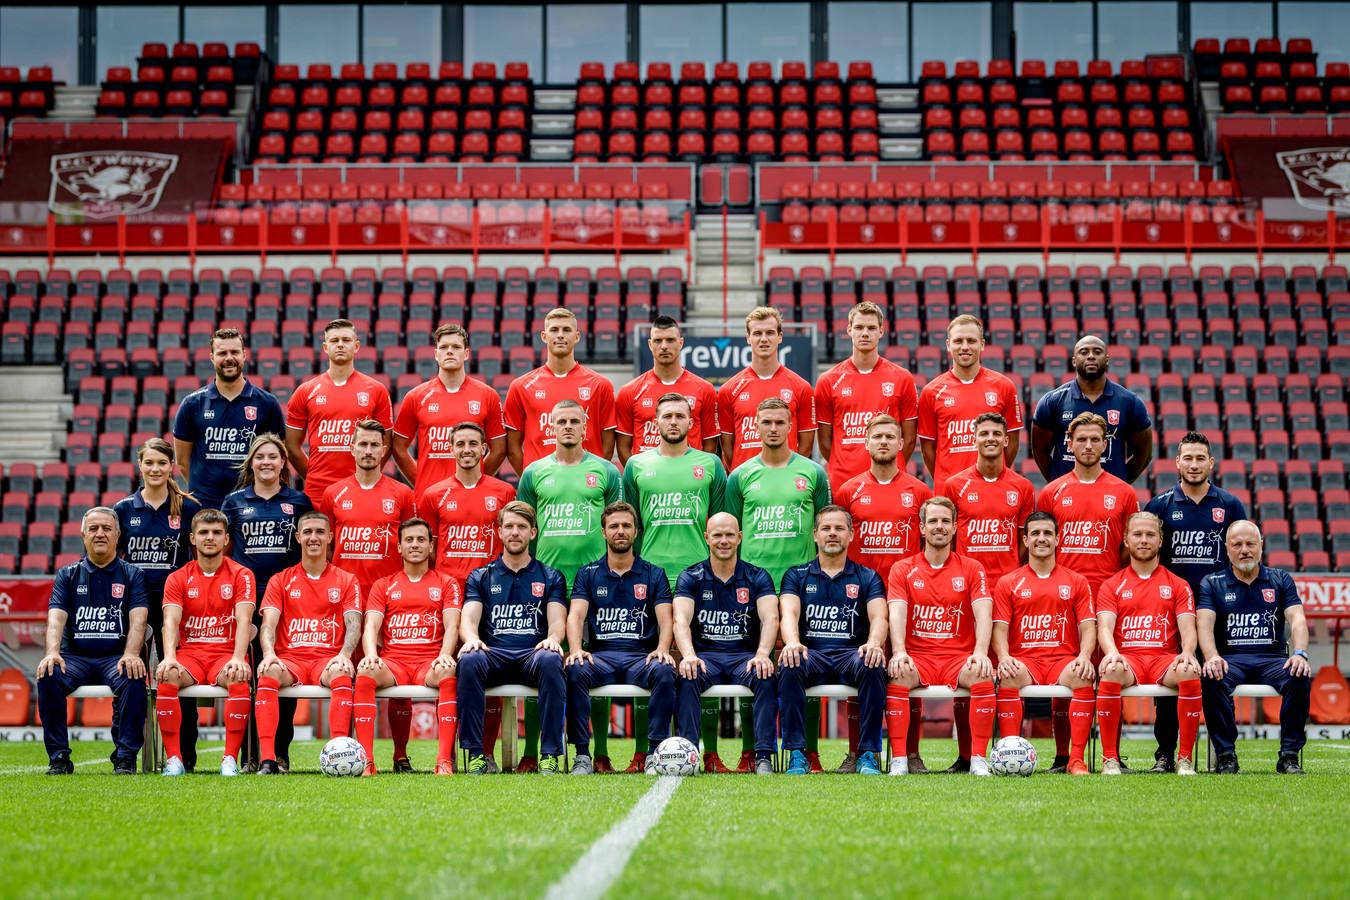 De selectie van FC Twente